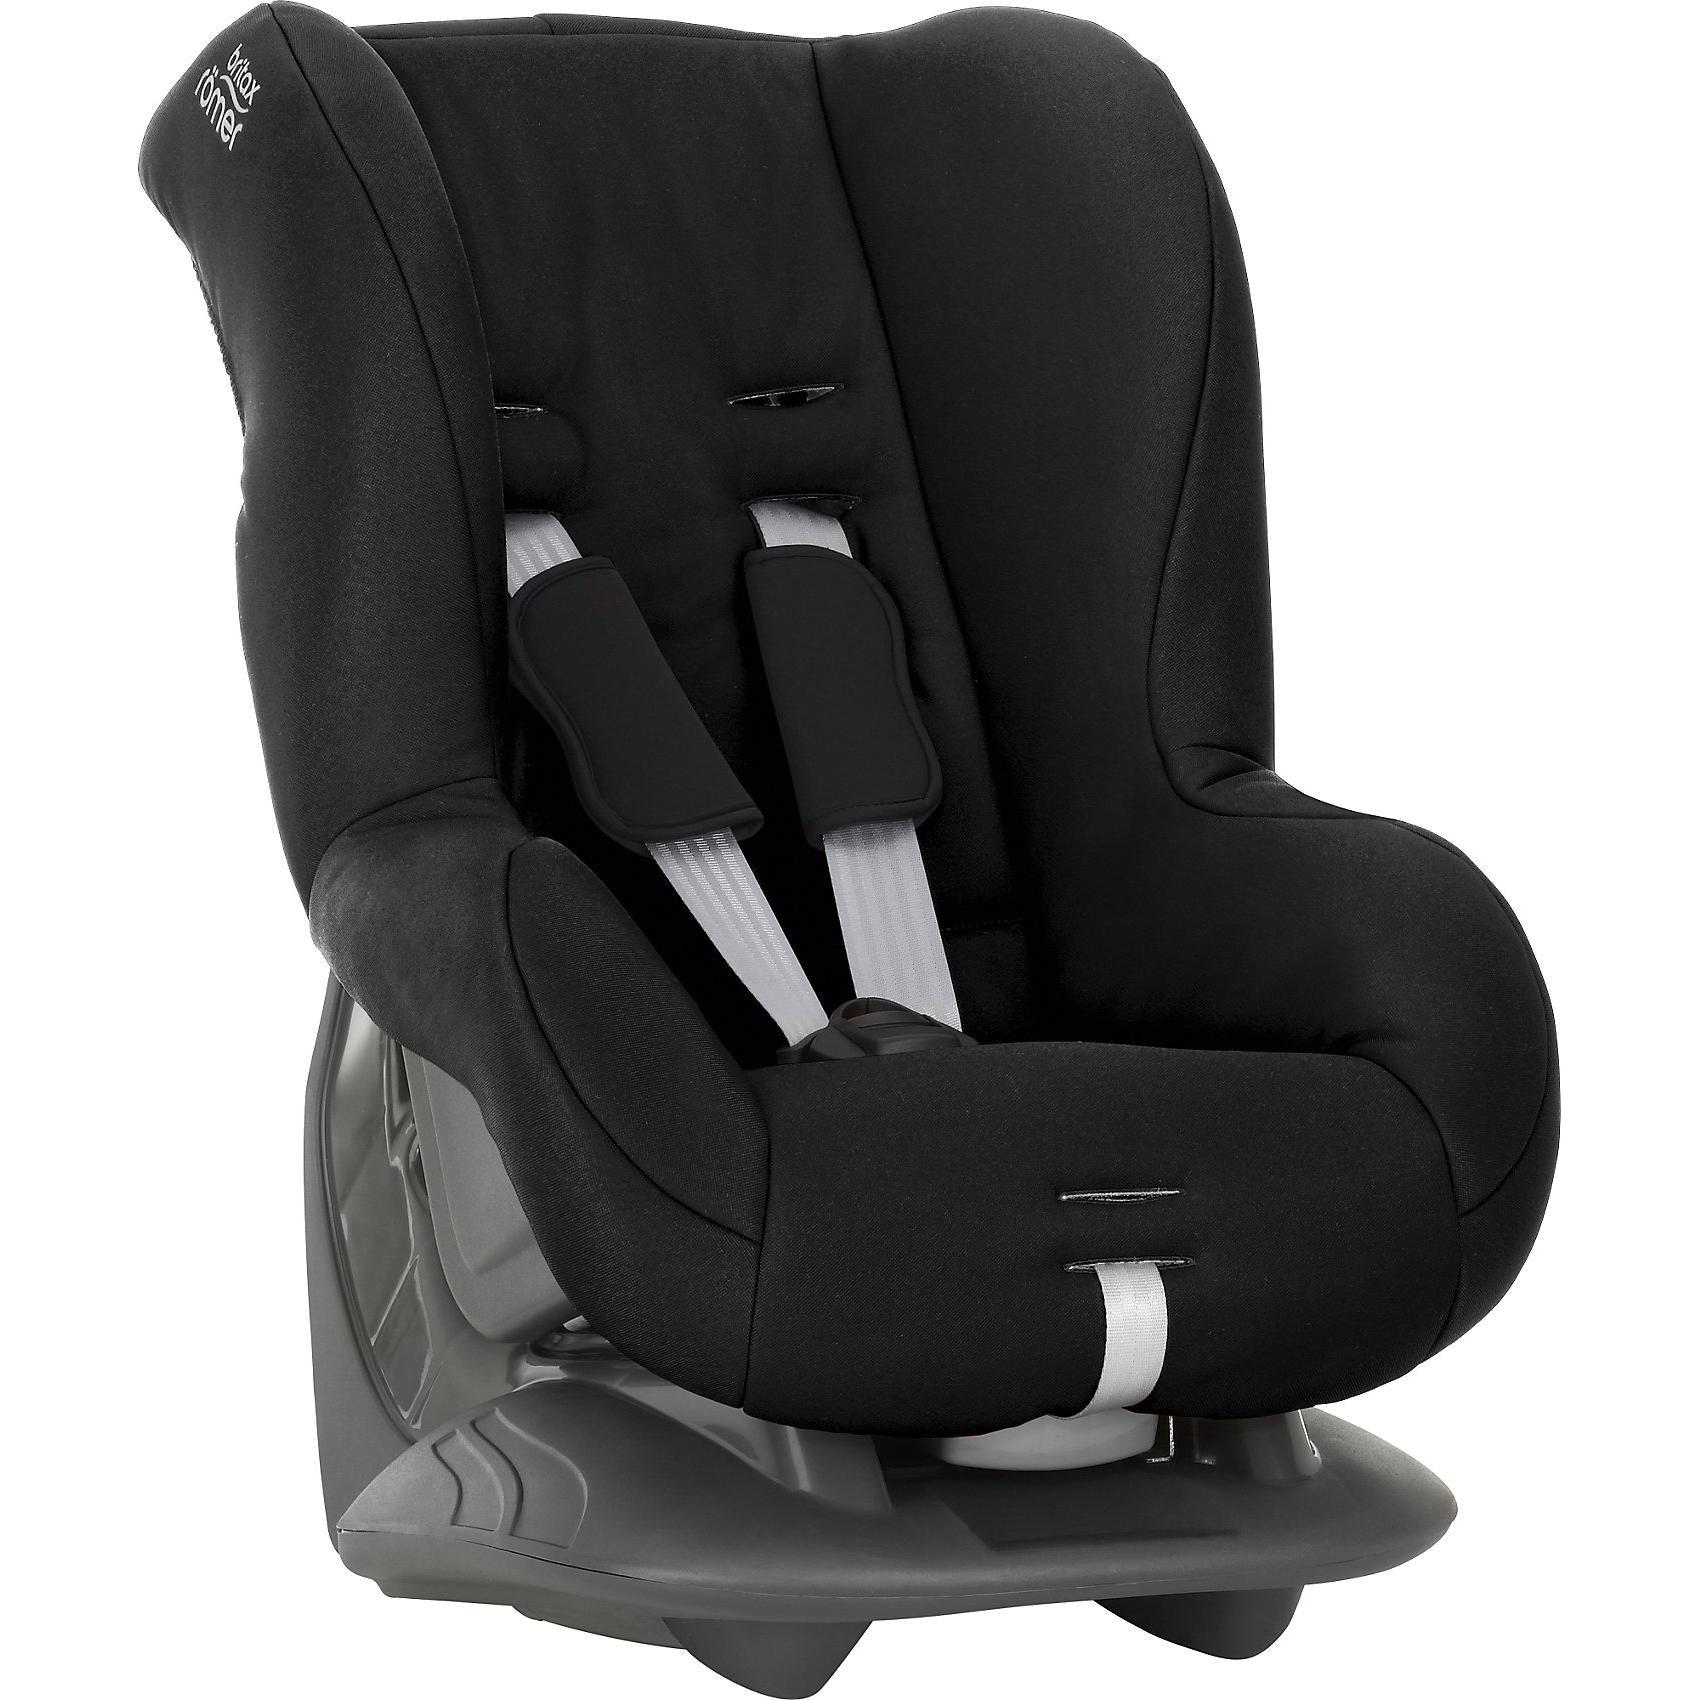 Britax Römer Auto-Kindersitz Eclipse Cosmos Black 2018